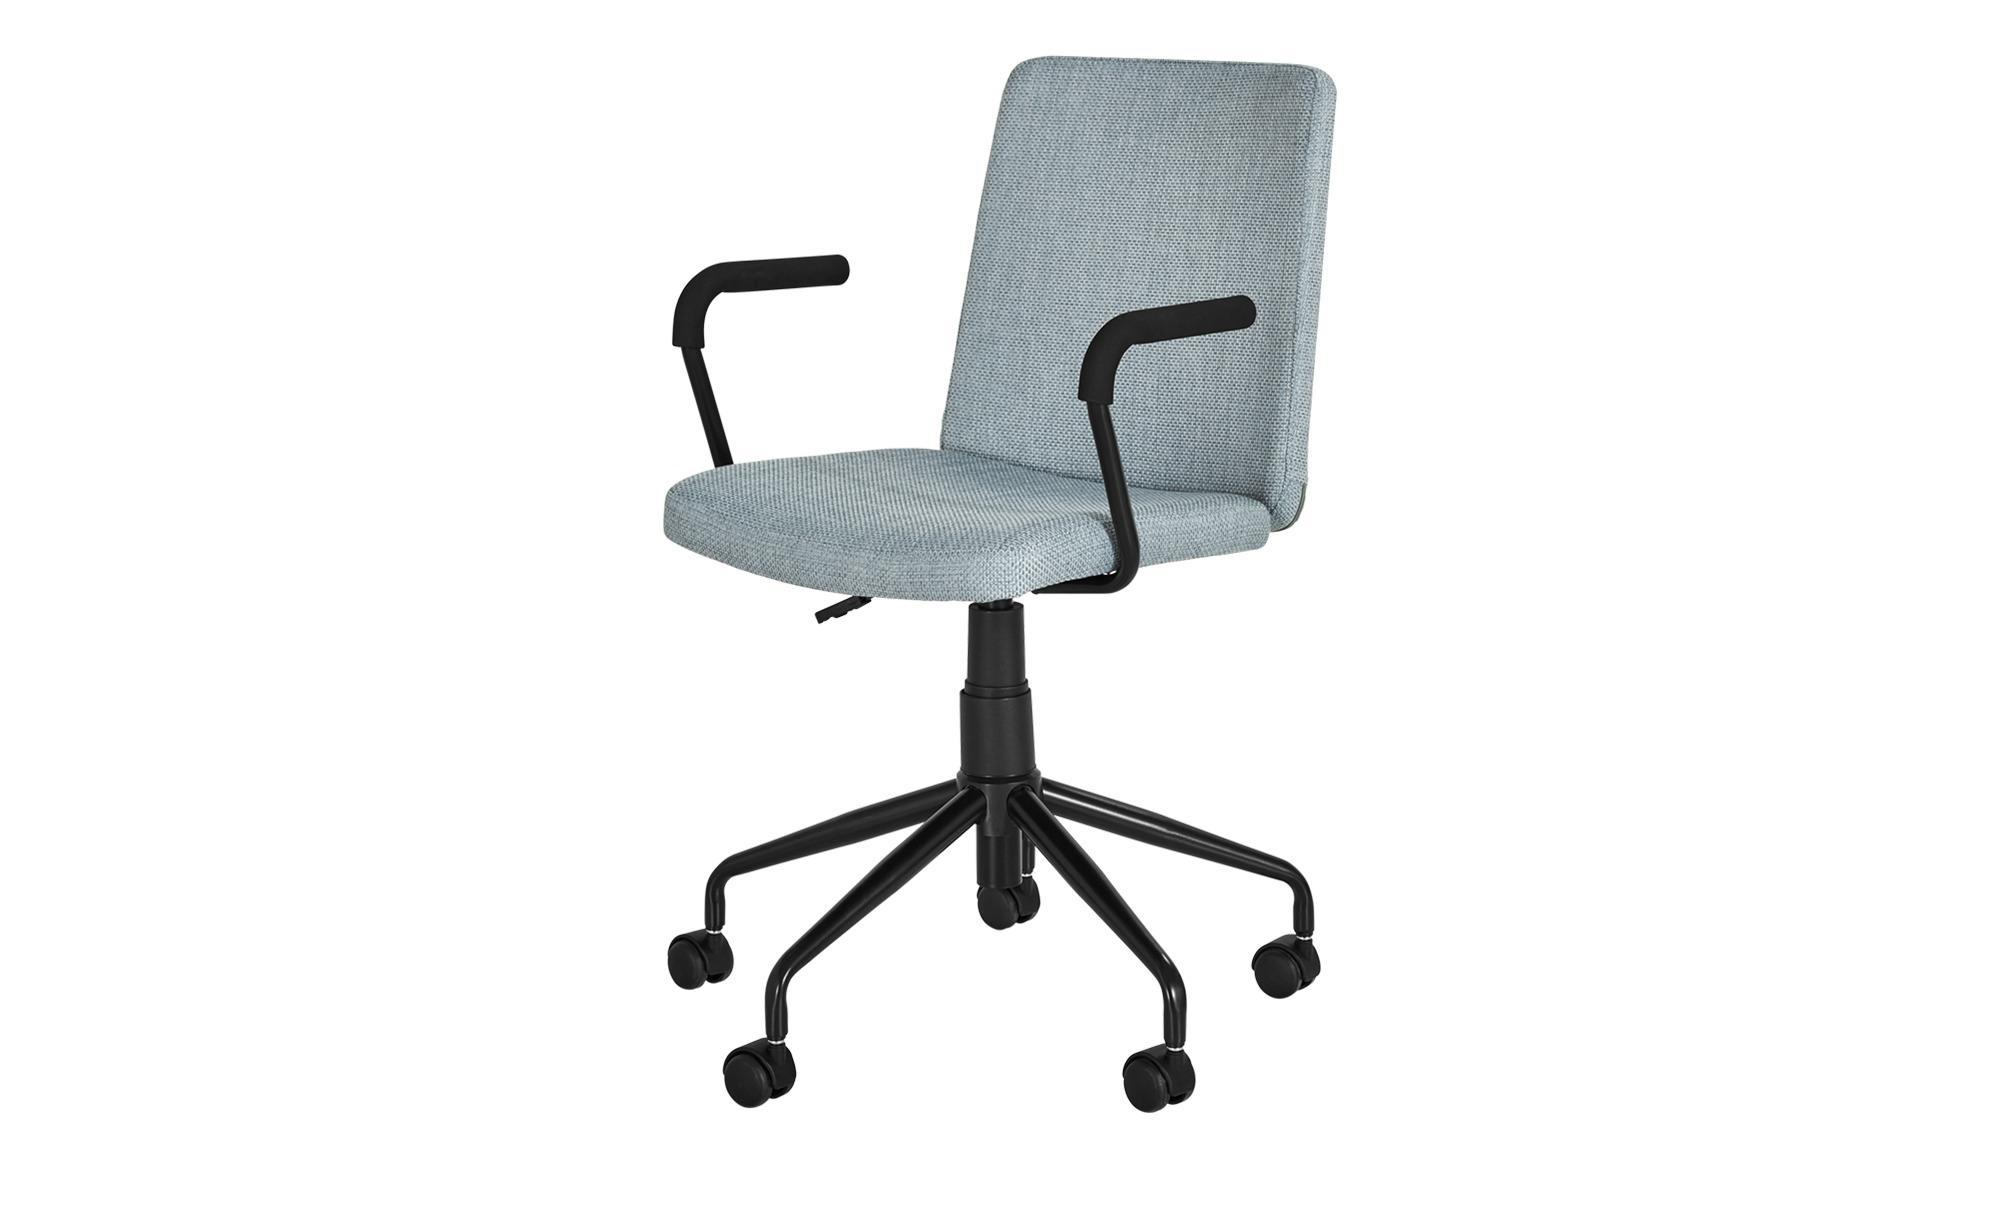 Bürodrehstuhl  Andoma ¦ blau Stühle > Bürostühle > Drehstühle - Höffner